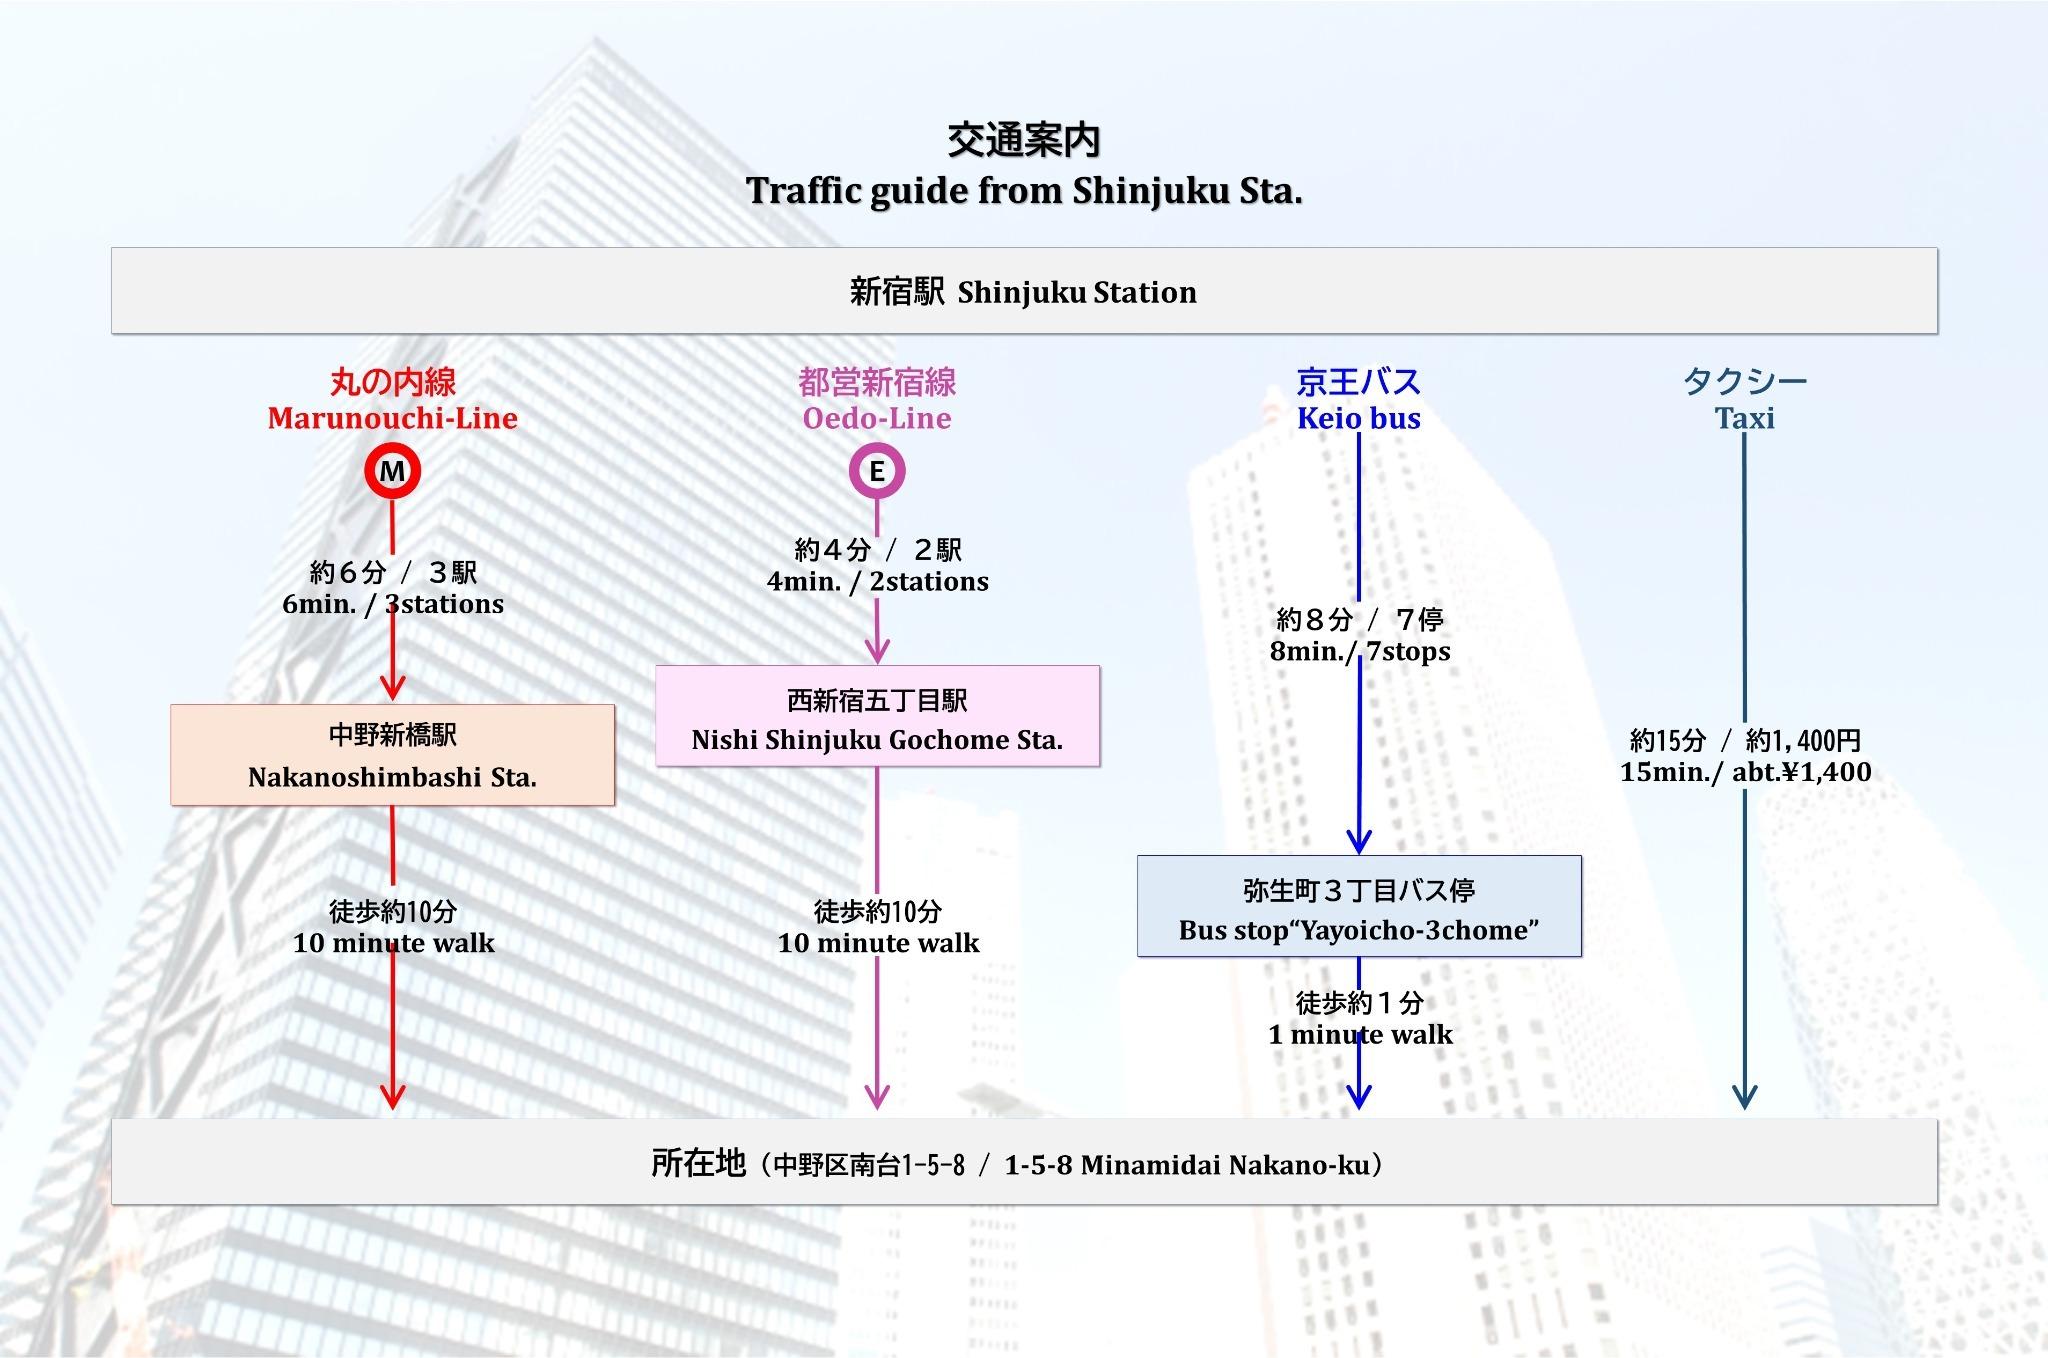 交通案内 Traffic guide